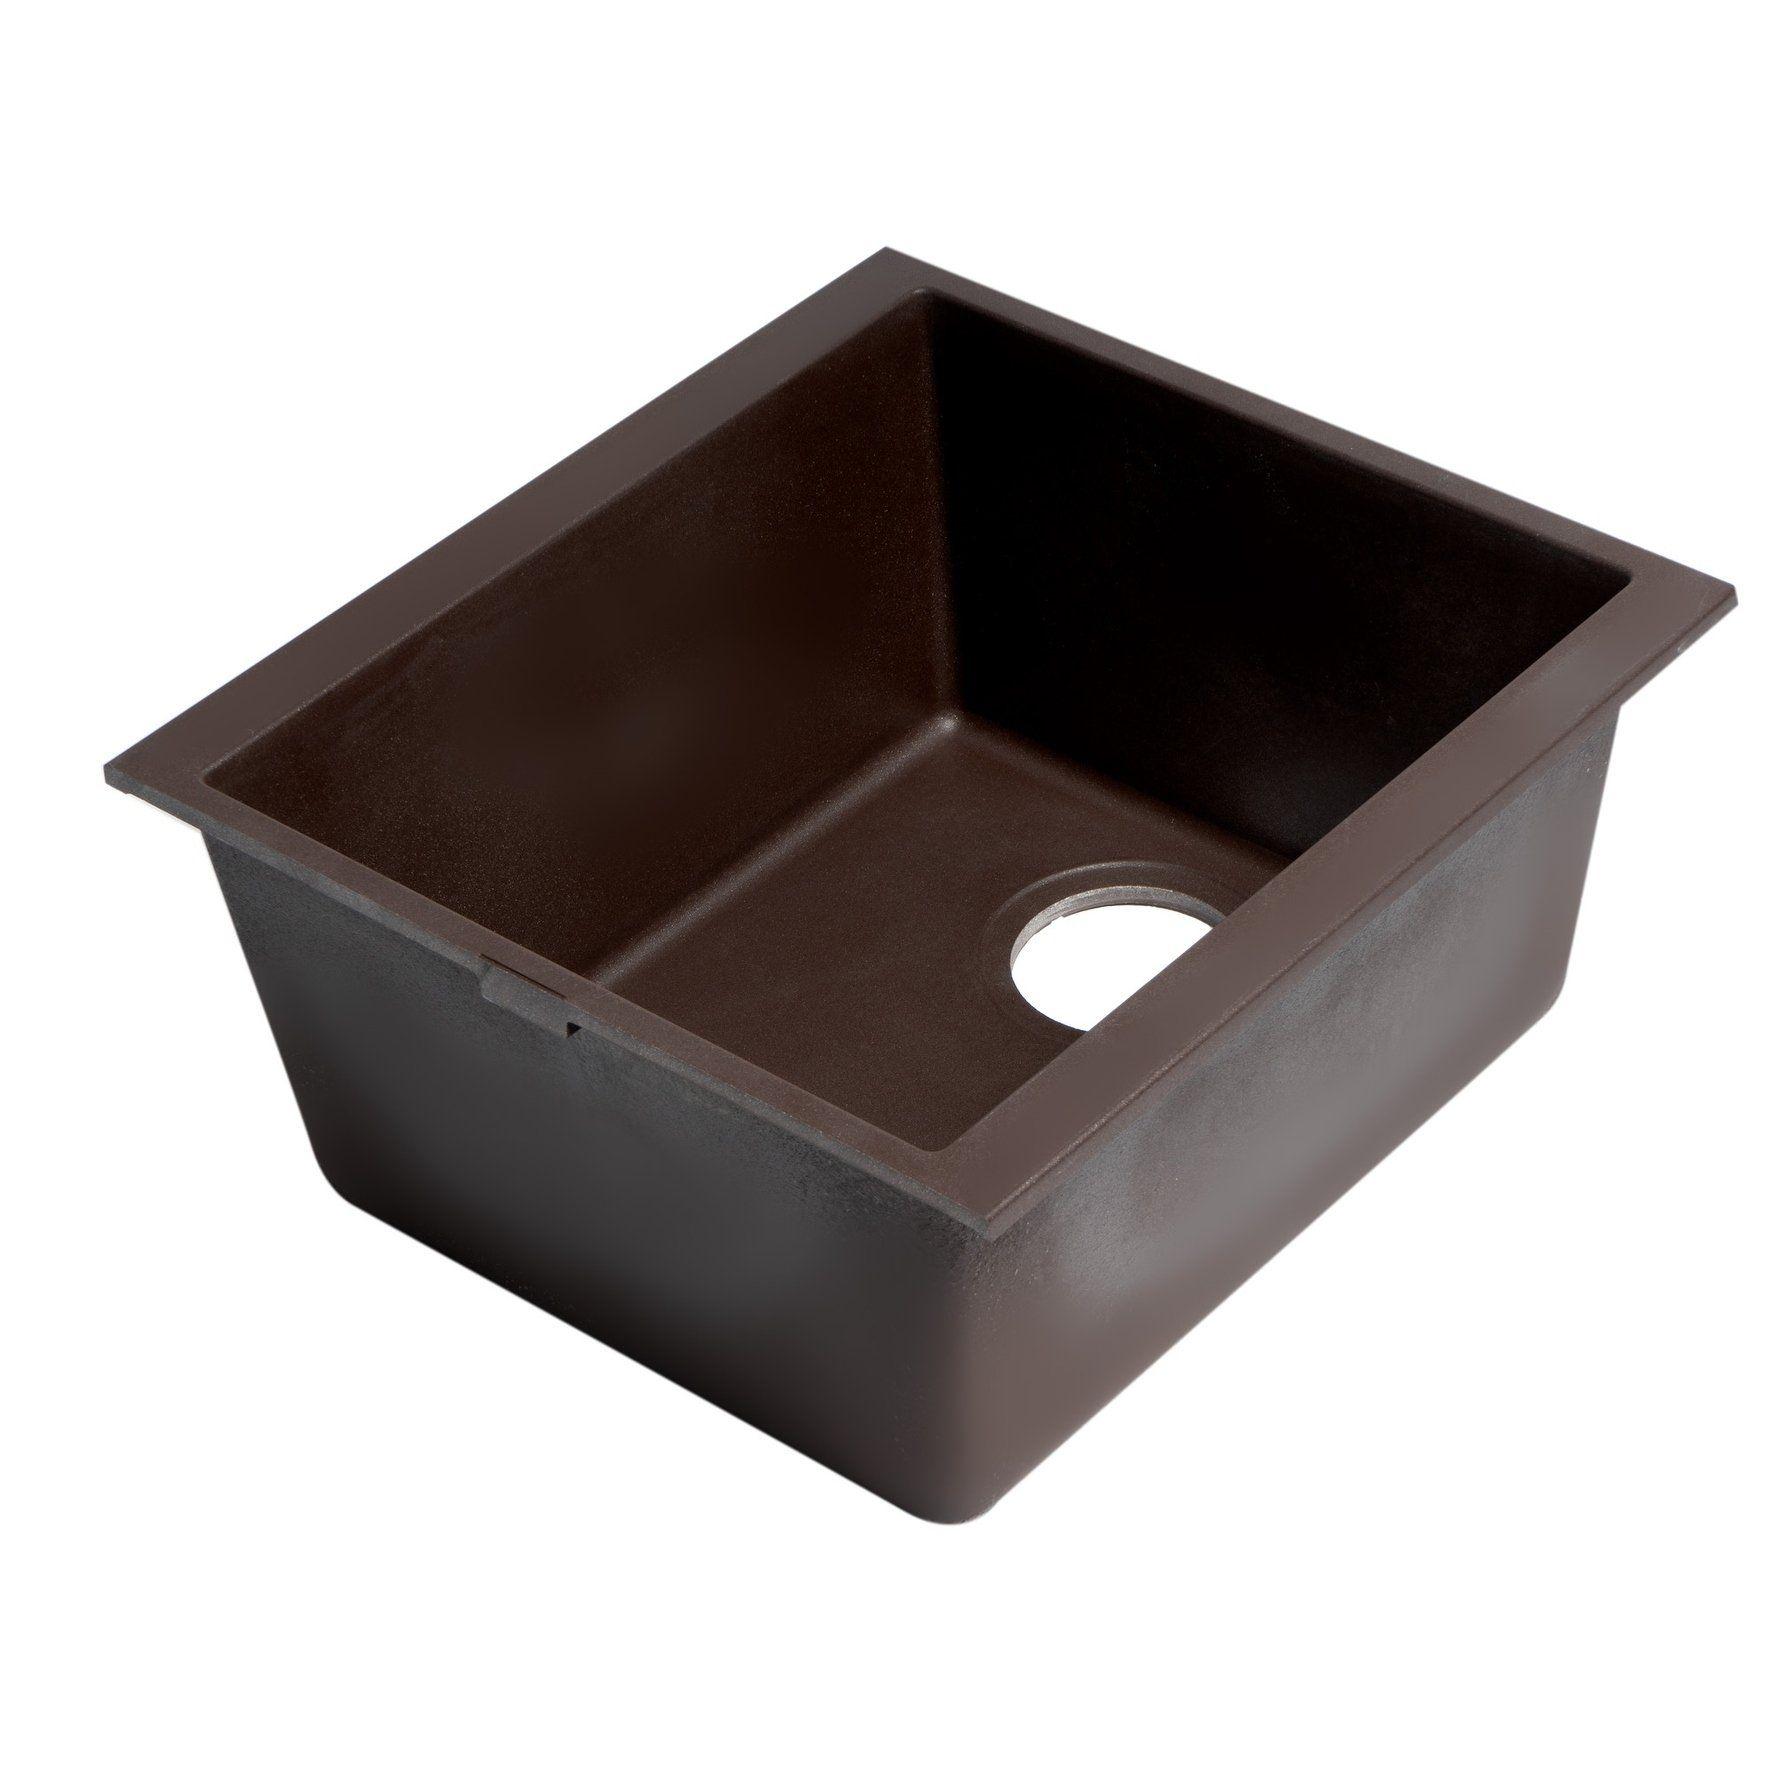 Chocolate 17 Undermount Rectangular Granite Composite Kitchen Prep Sink Brown Alfi Brand Composite Kitchen Sinks Single Bowl Kitchen Sink Sink